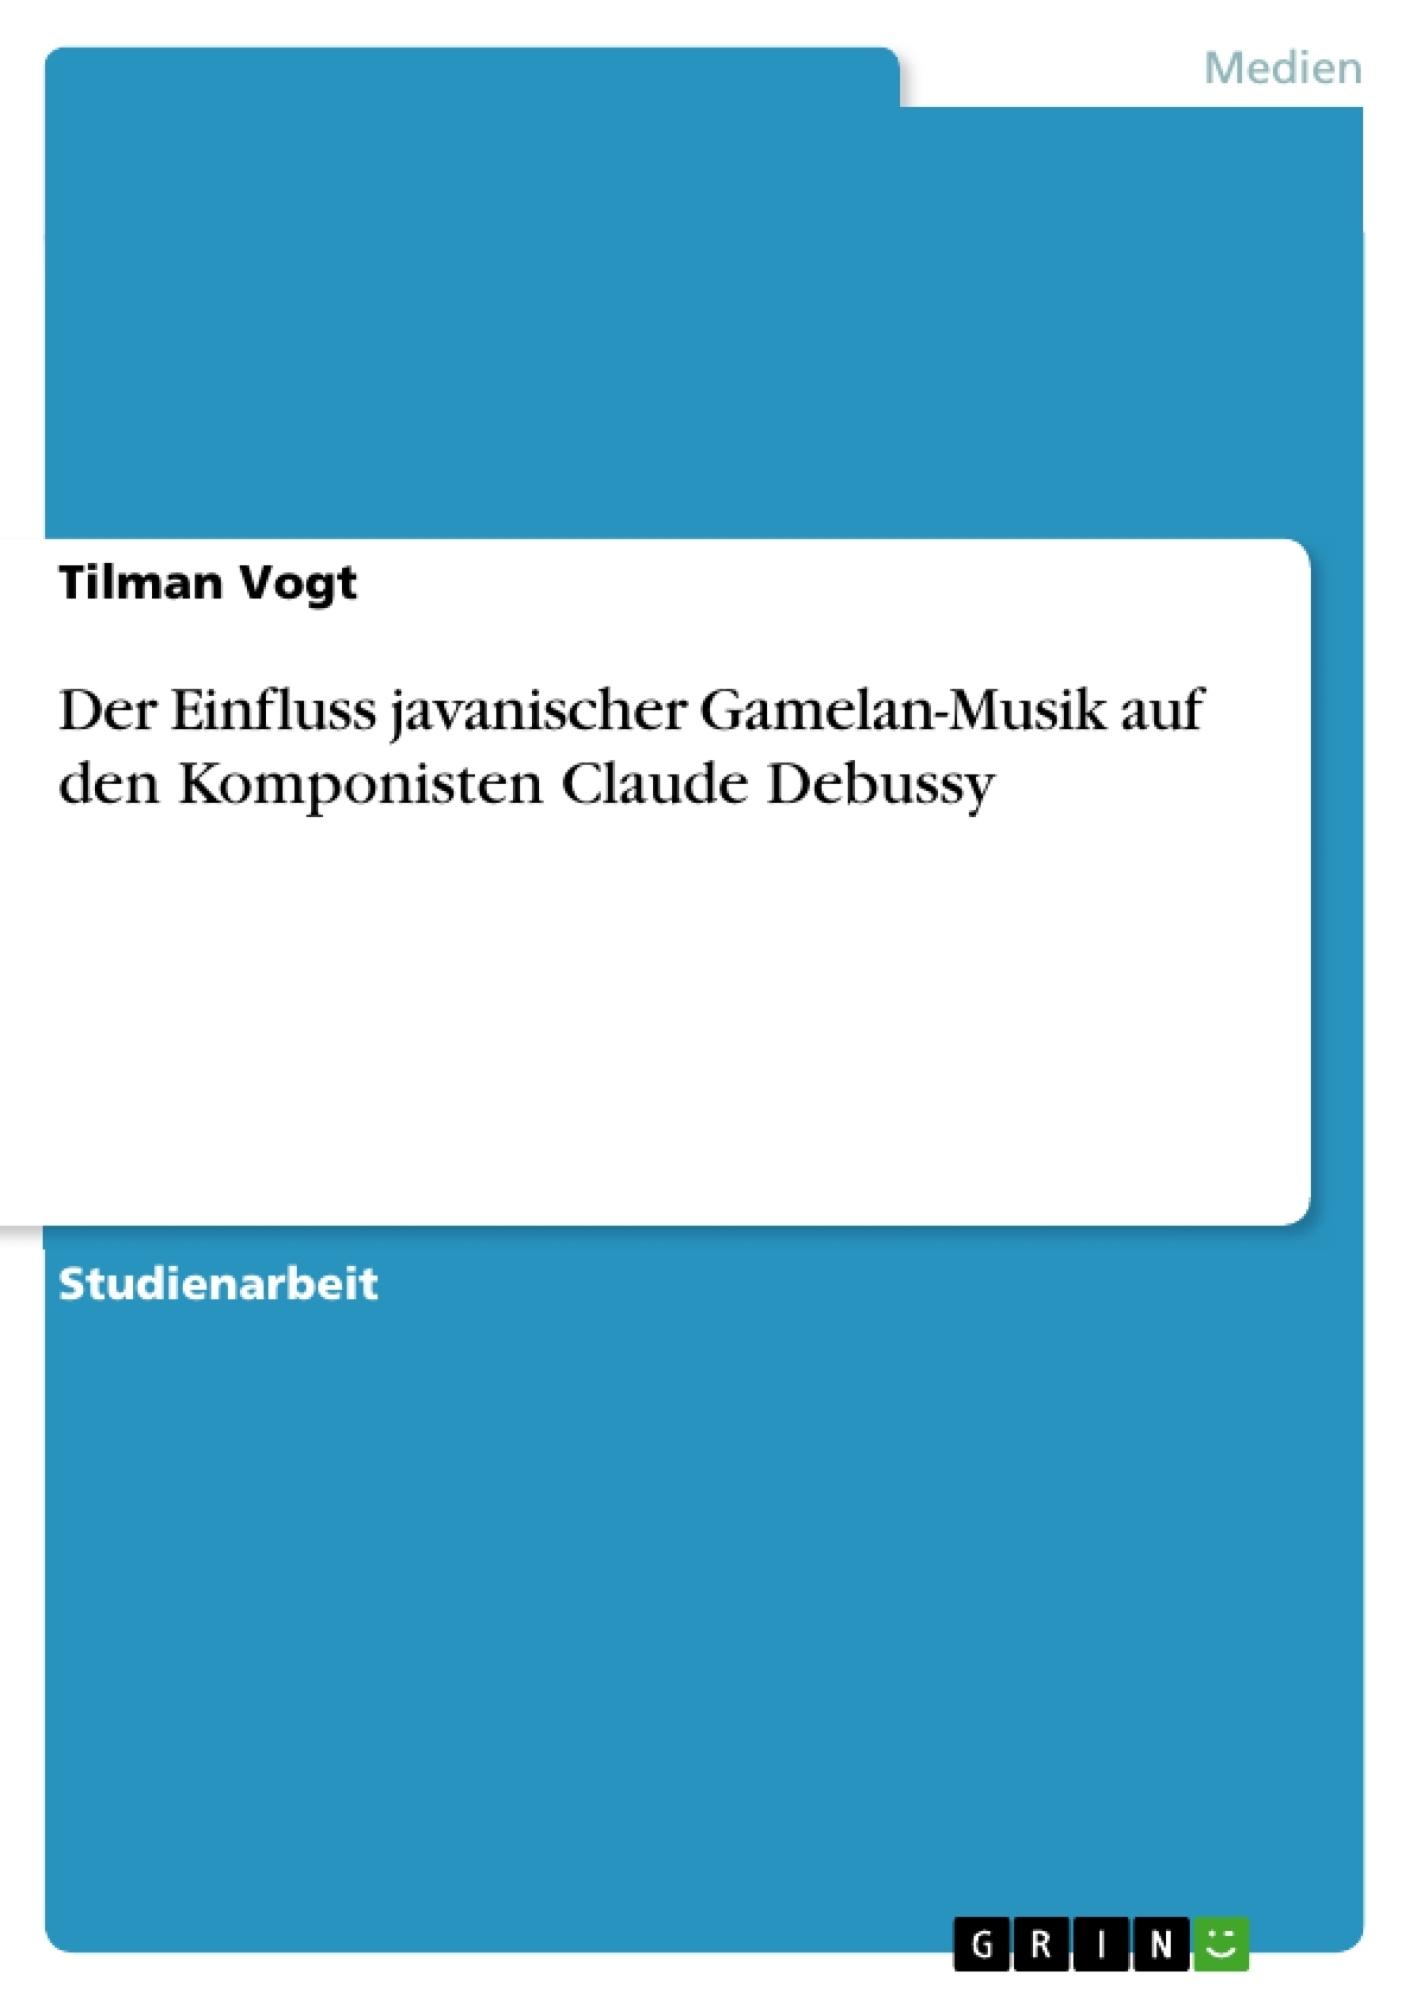 Titel: Der Einfluss javanischer Gamelan-Musik auf den Komponisten Claude Debussy